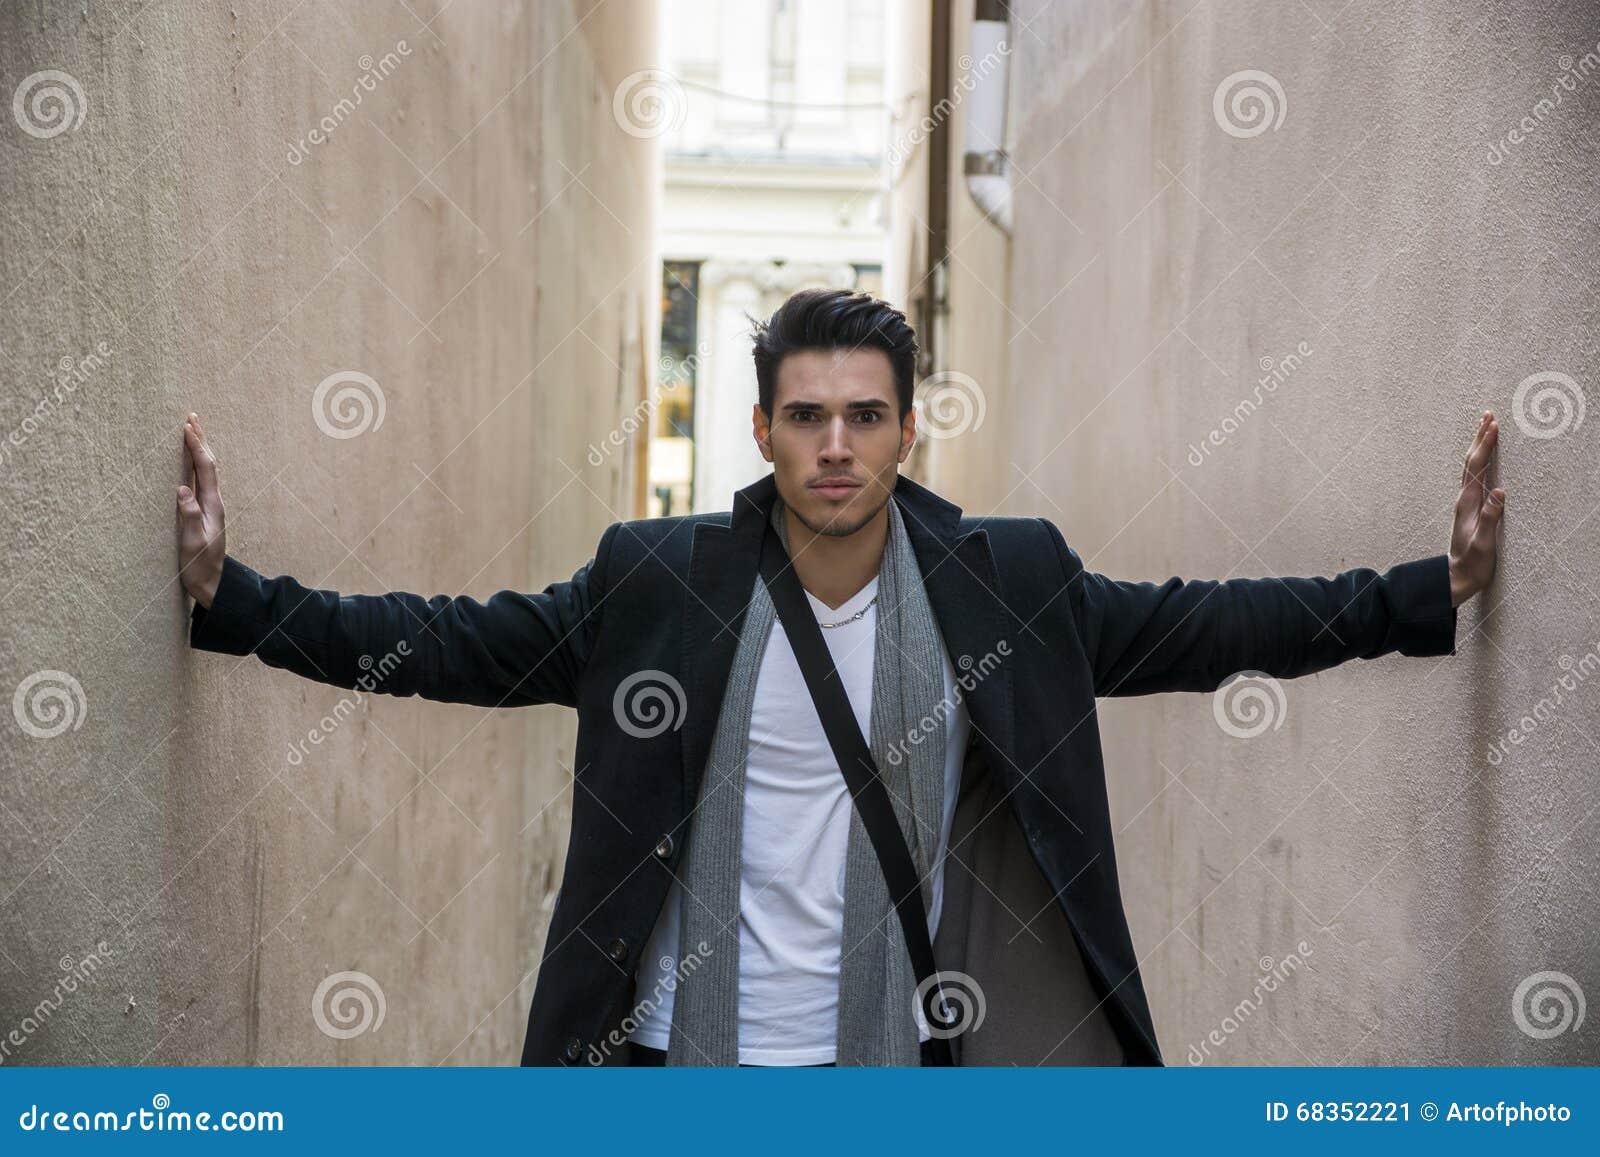 Hombre joven presionado entre dos paredes Opresión, ansiedad